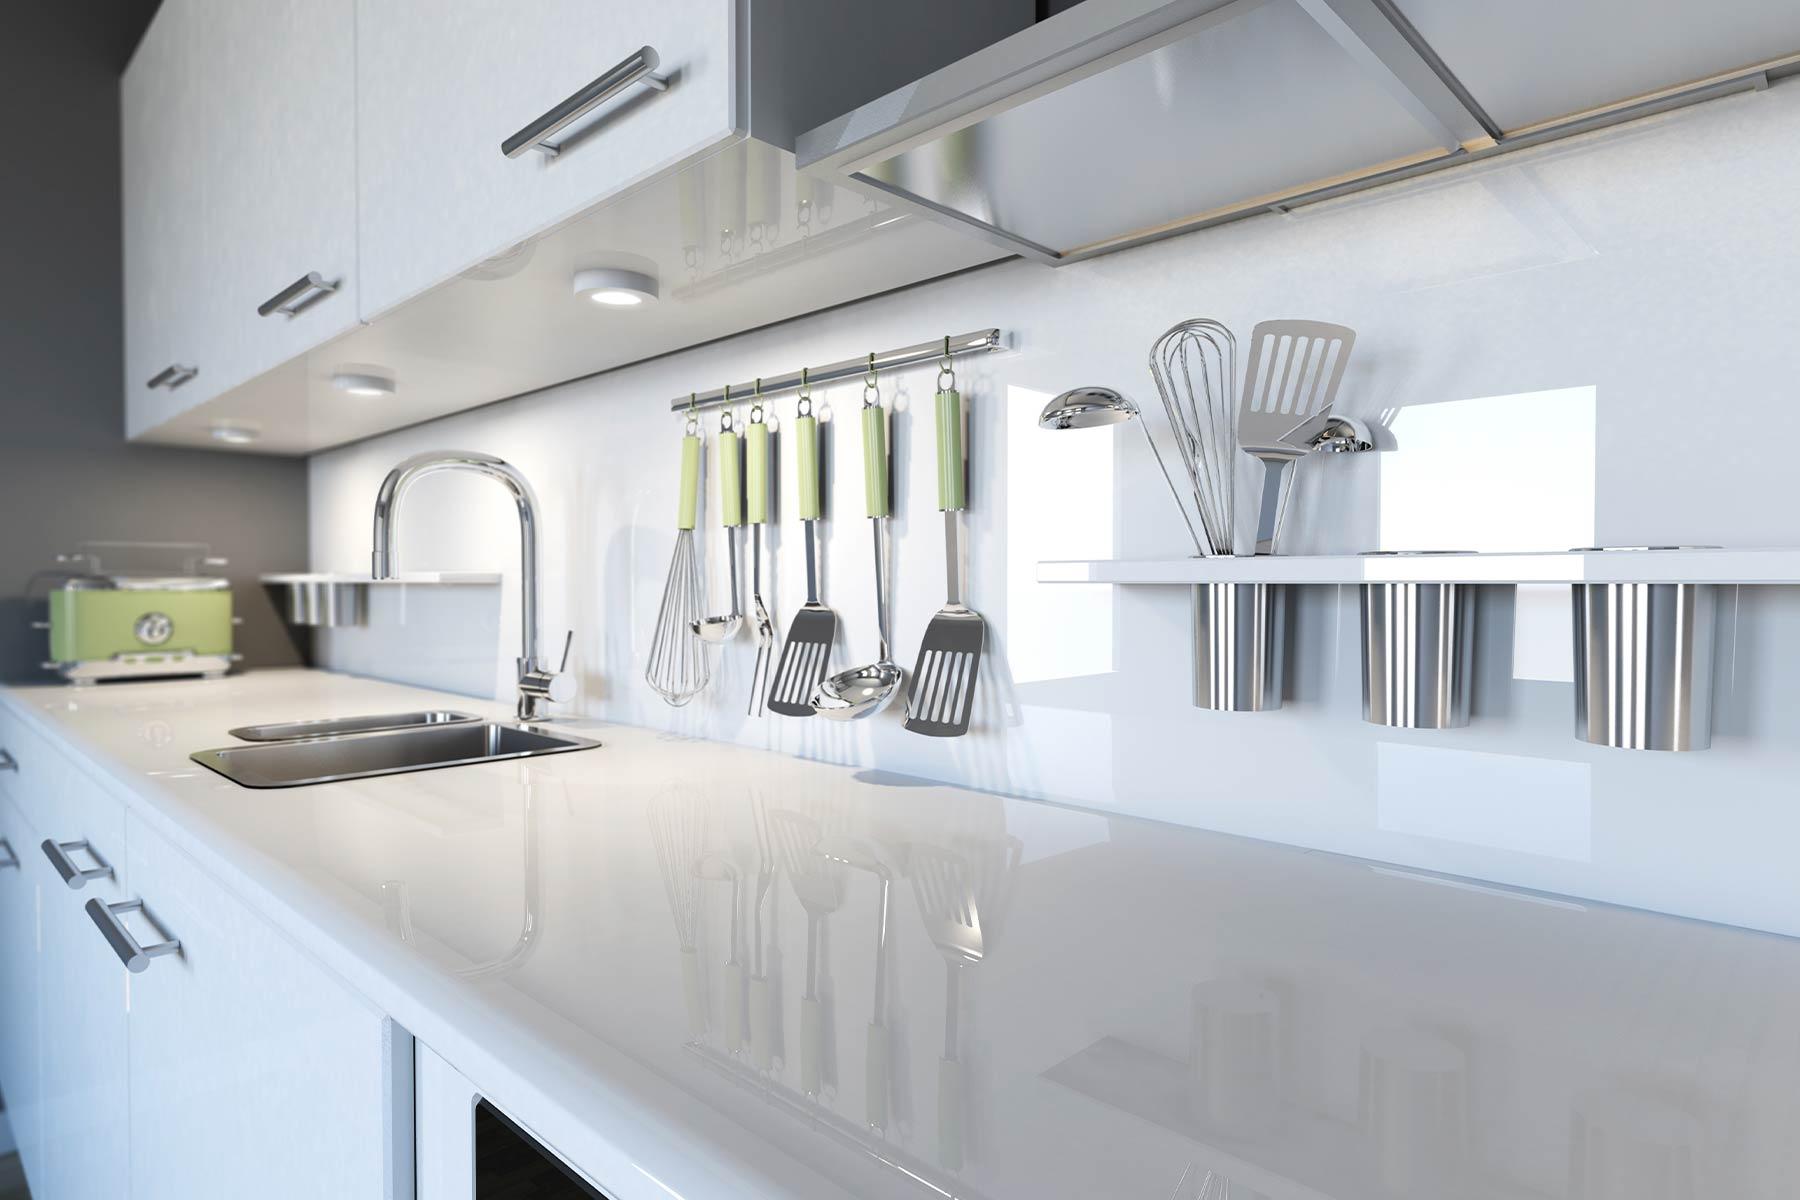 Shropshire Website Design for plumbers - web design for builders